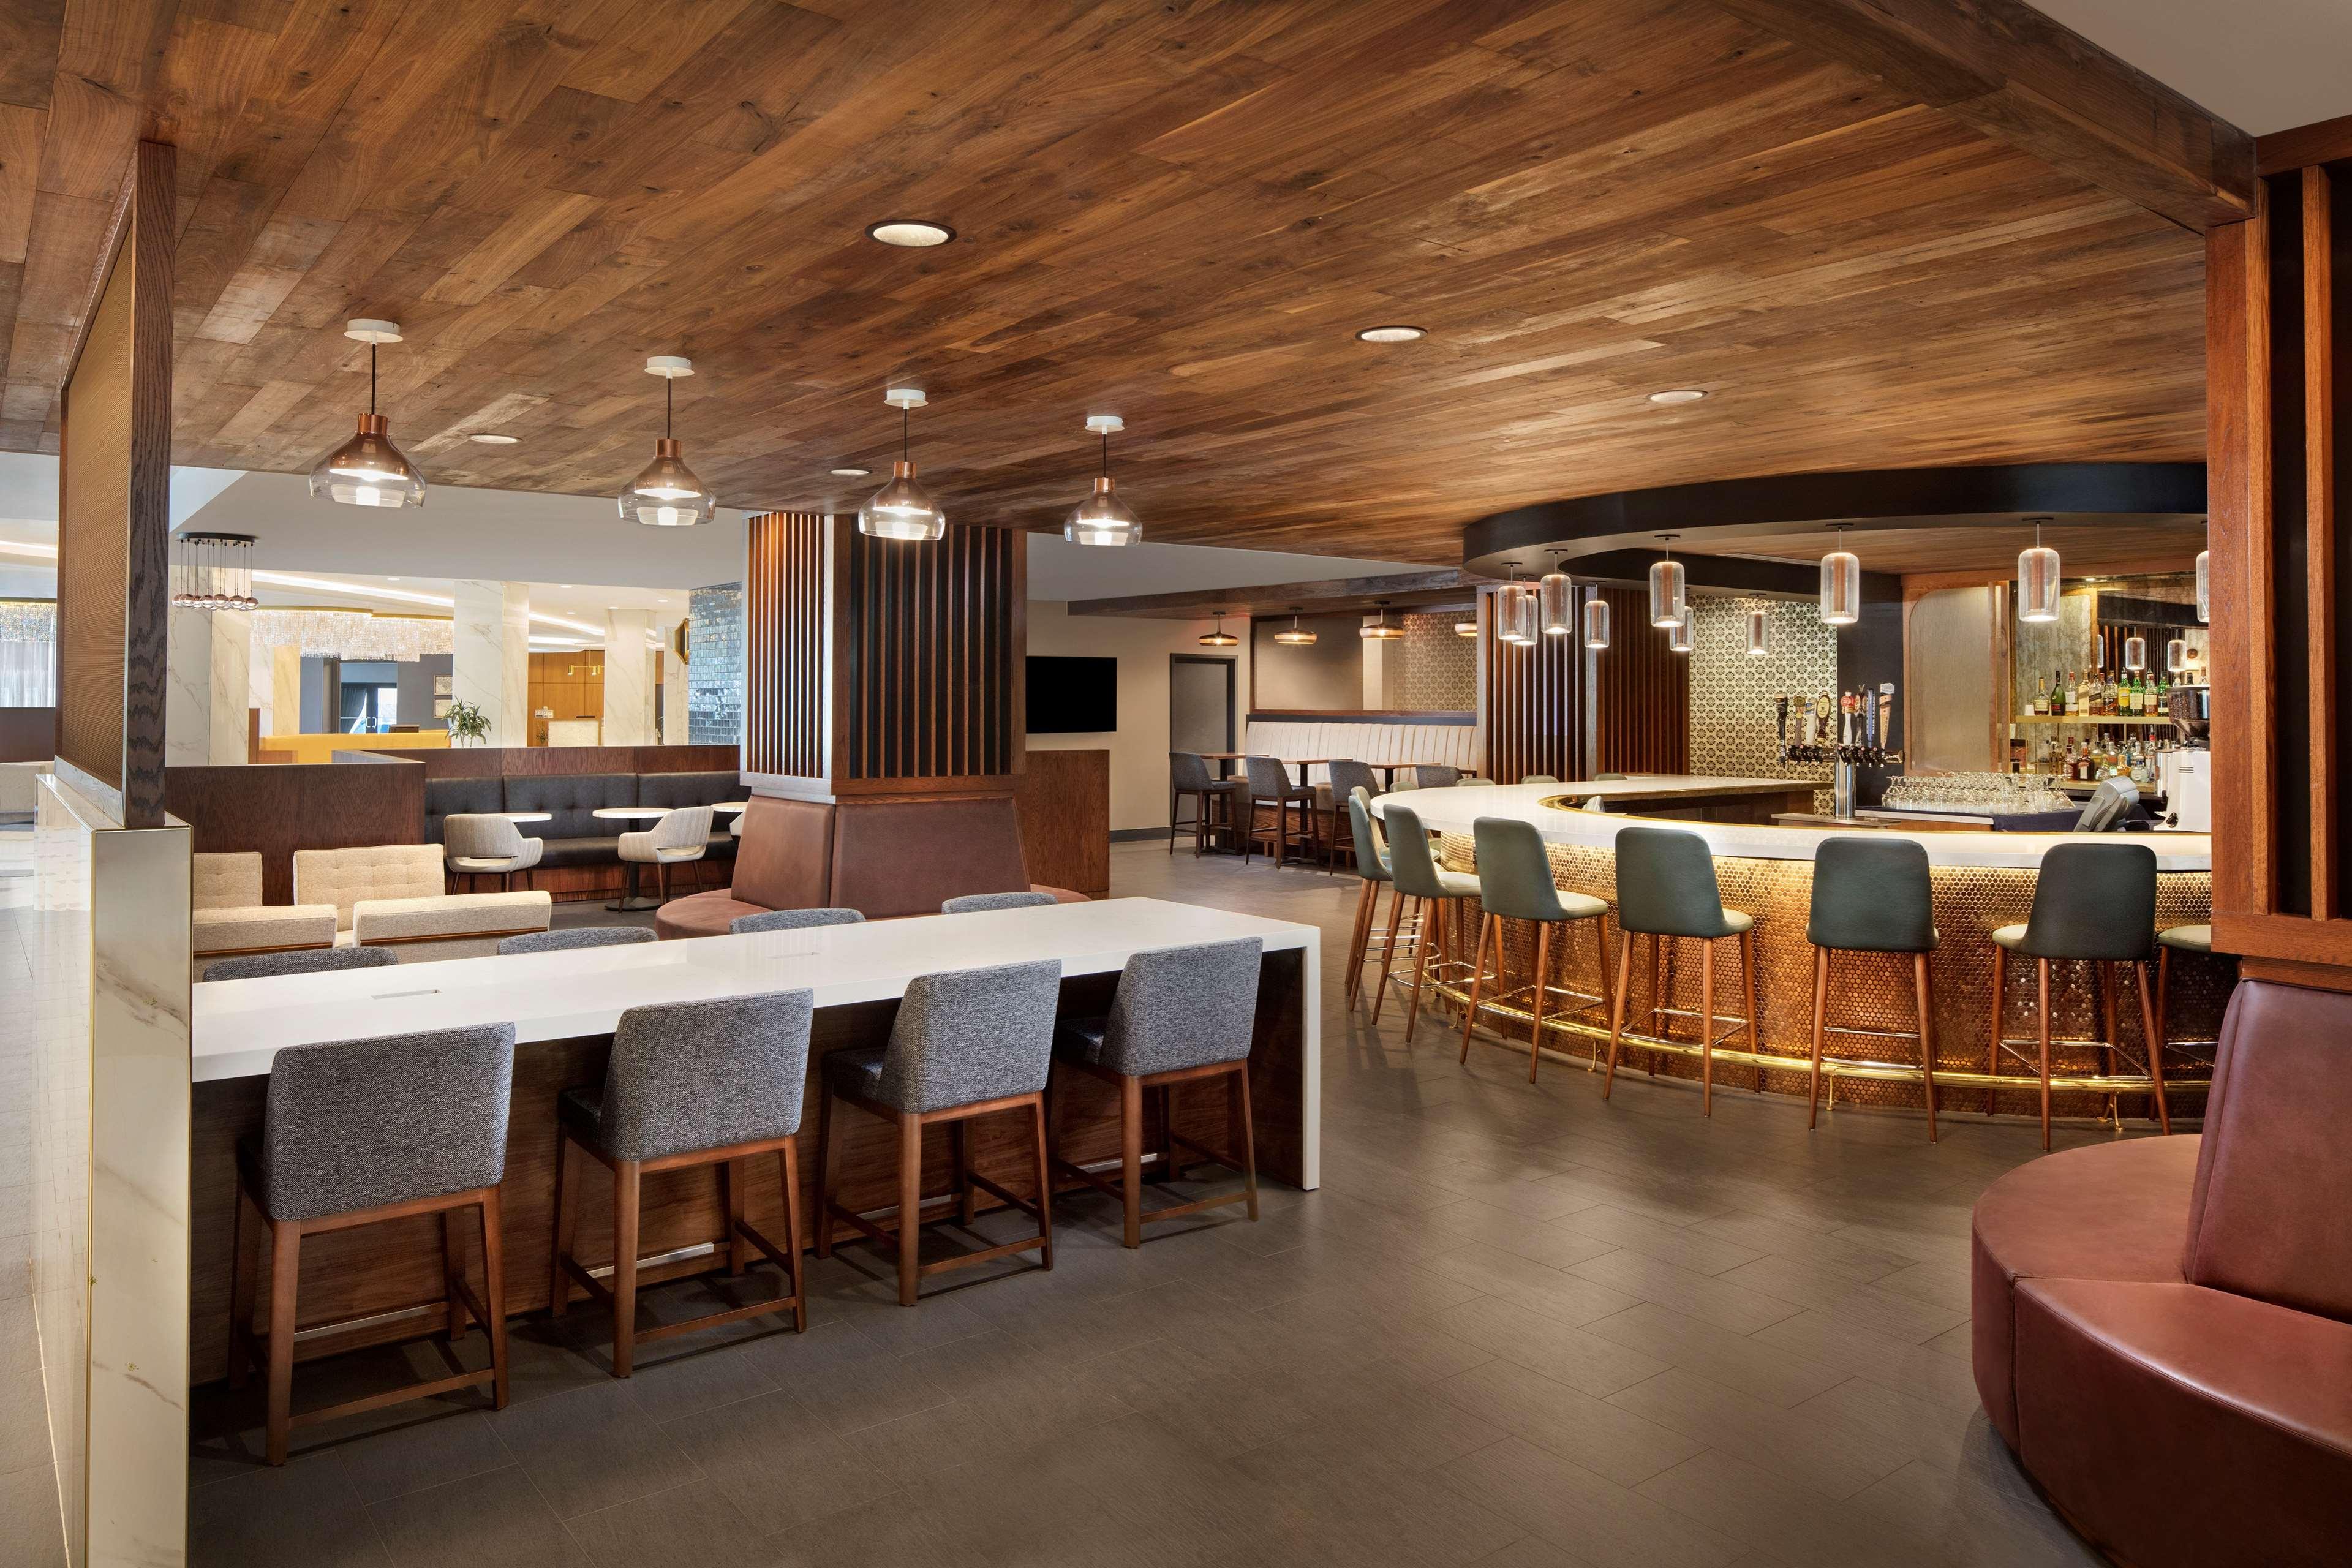 Washington Hilton image 31